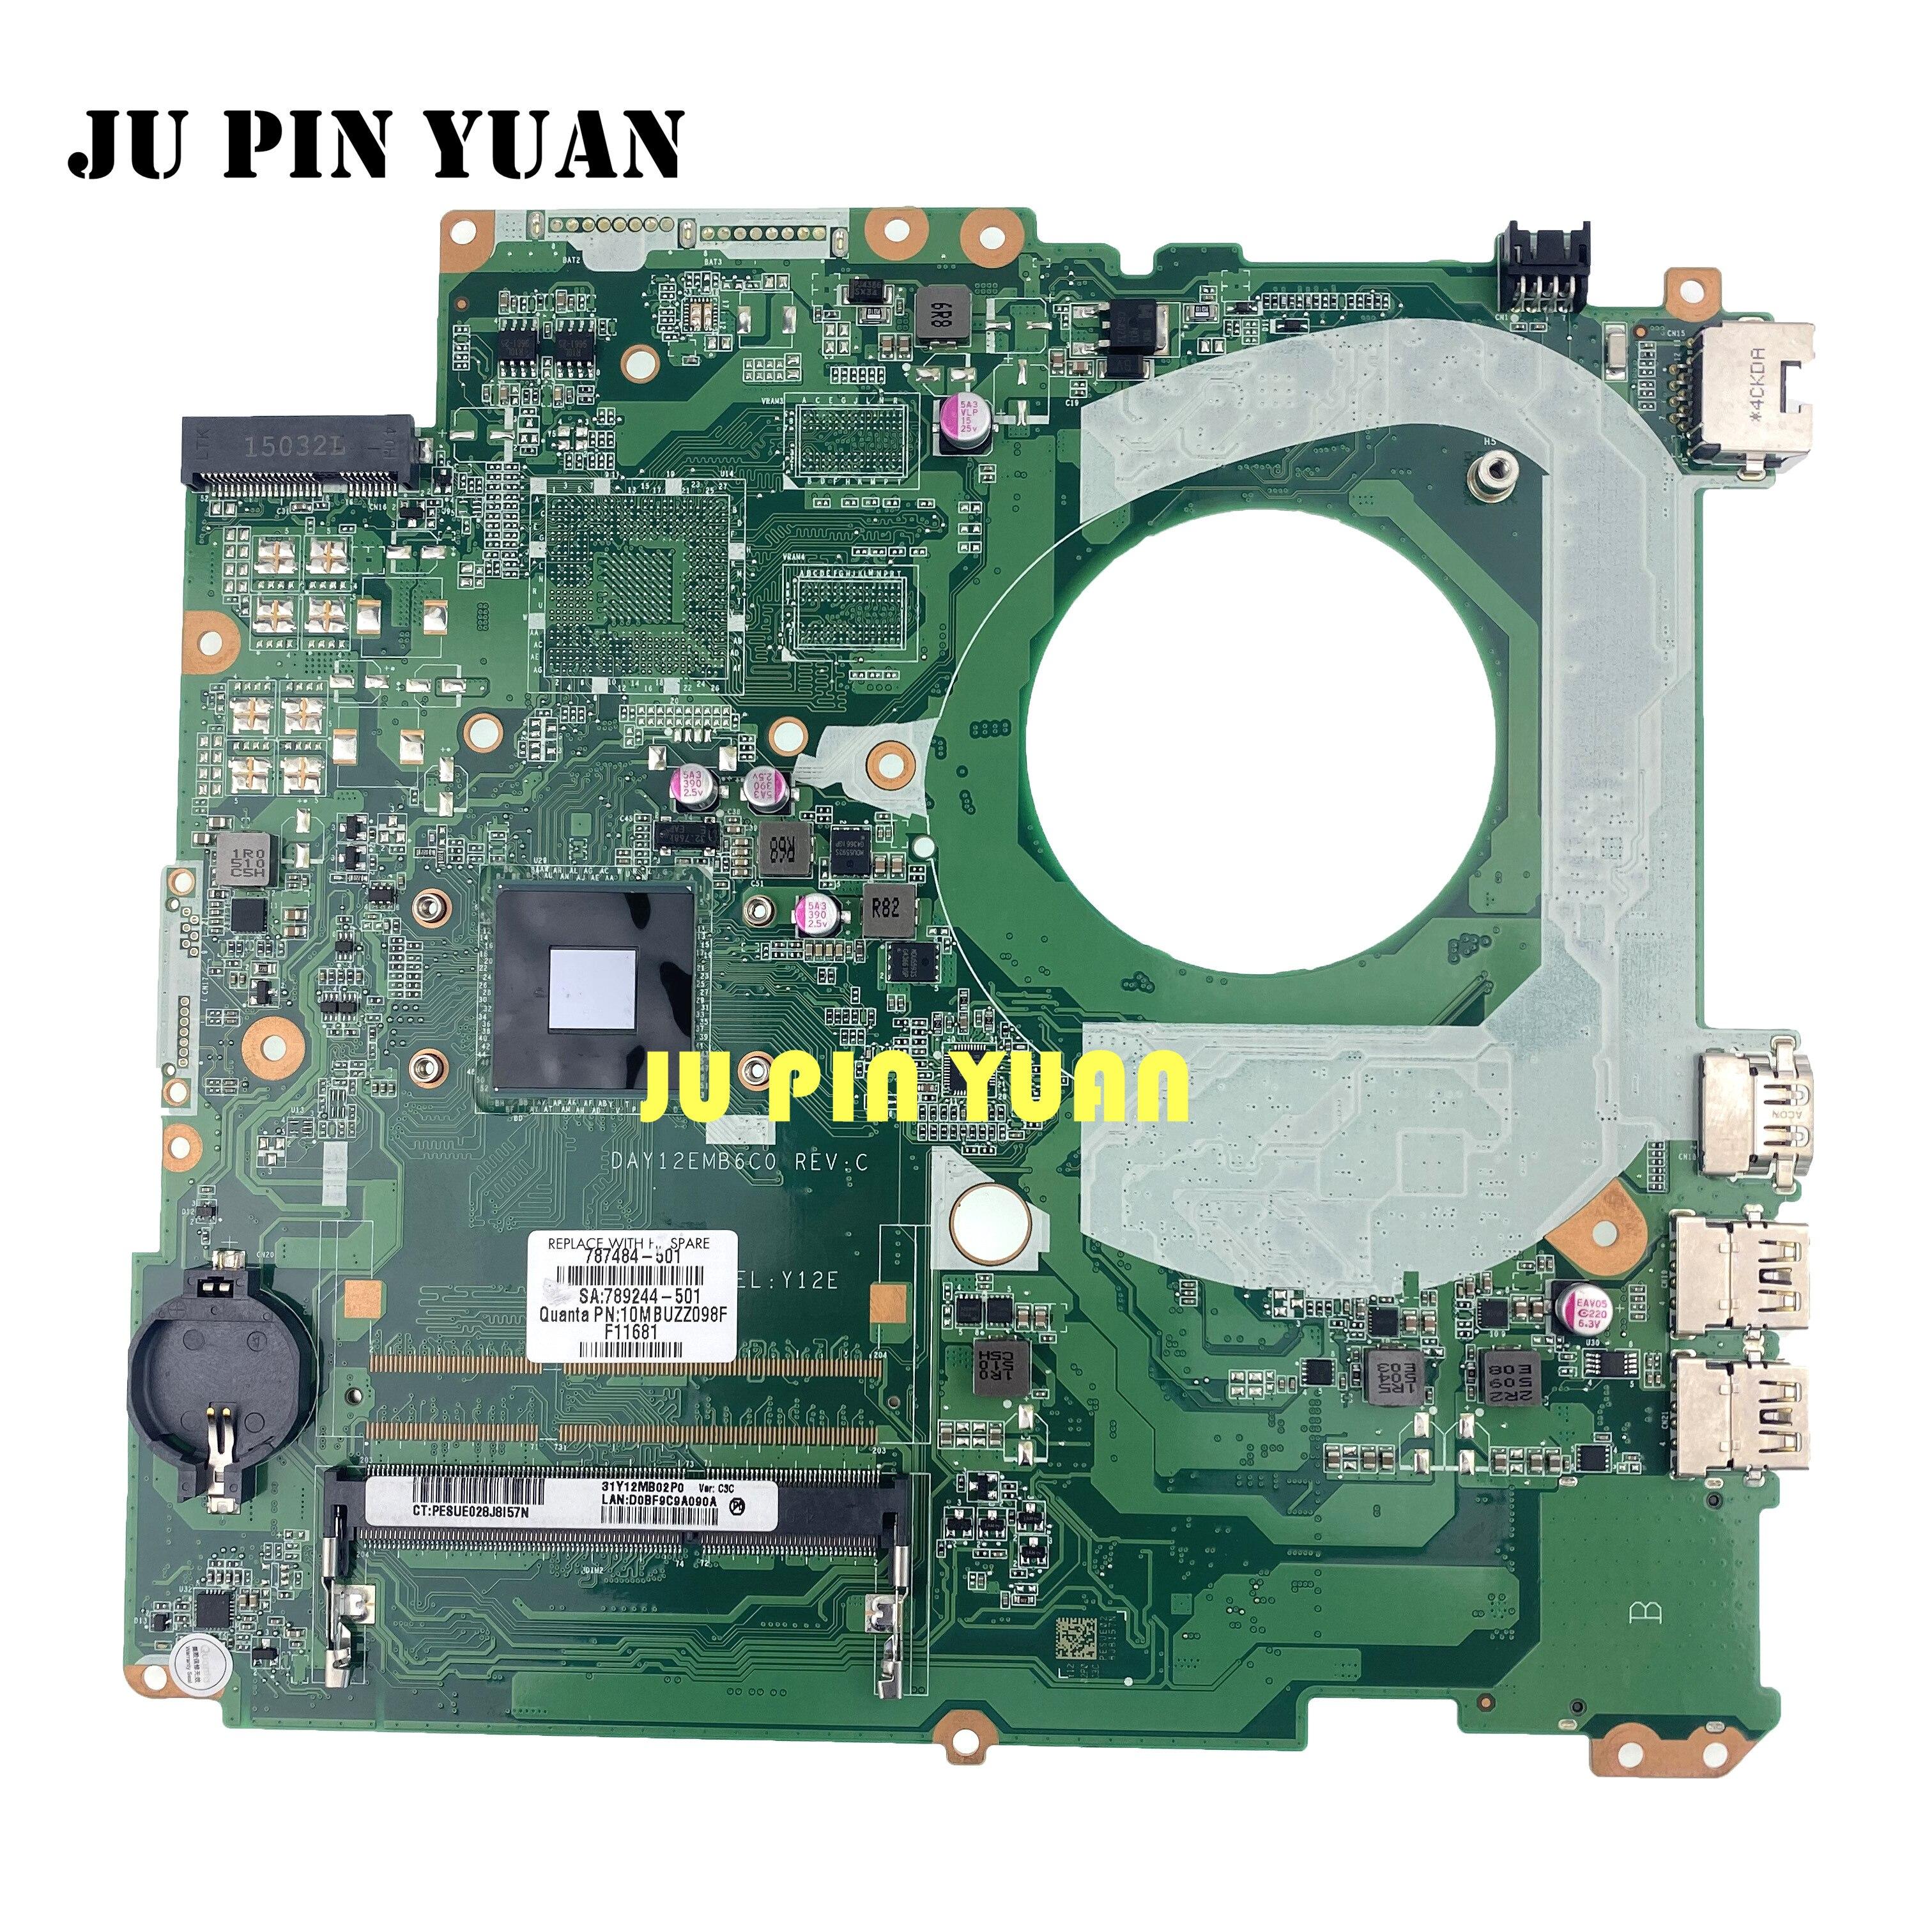 لوحة أم للكمبيوتر المحمول HP بافيليون 17-F لوحة رئيسية 787484-001 787484-501 787484-601 DAY12AMB6D0 N2830 تم اختبارها بالكامل